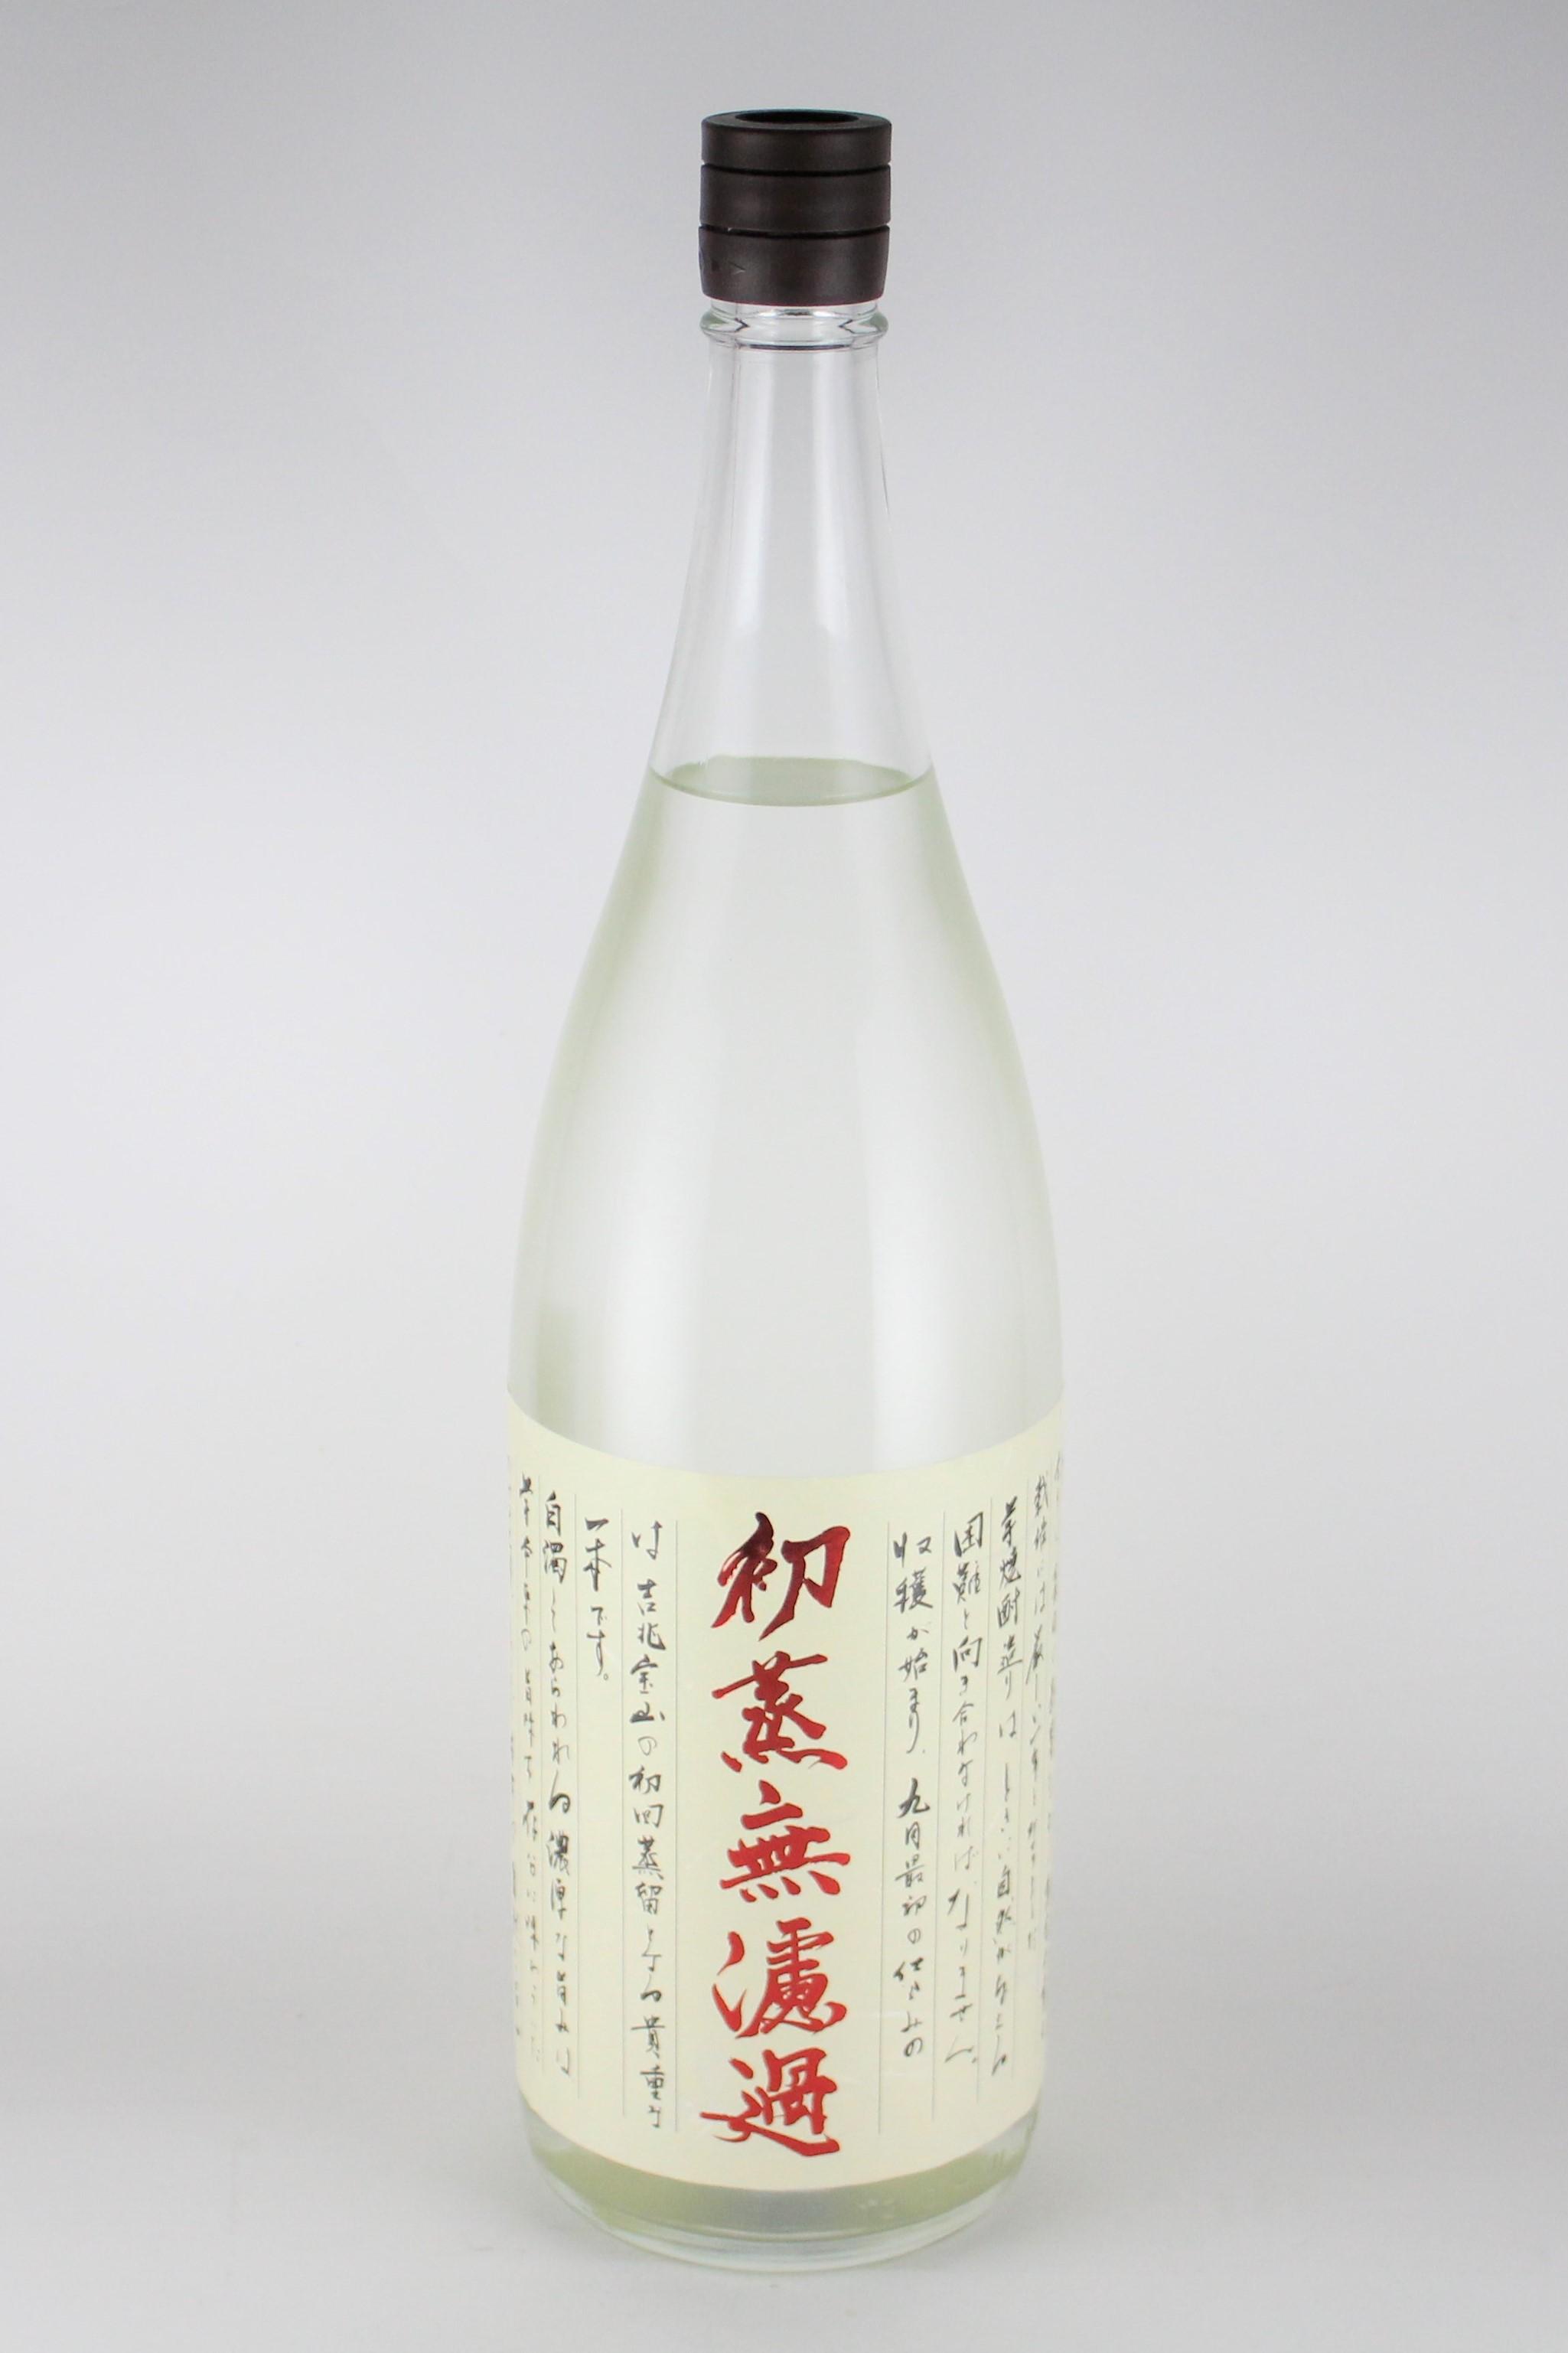 吉兆宝山 初蒸無濾過 25度 1800ml 【鹿児島/西酒造】